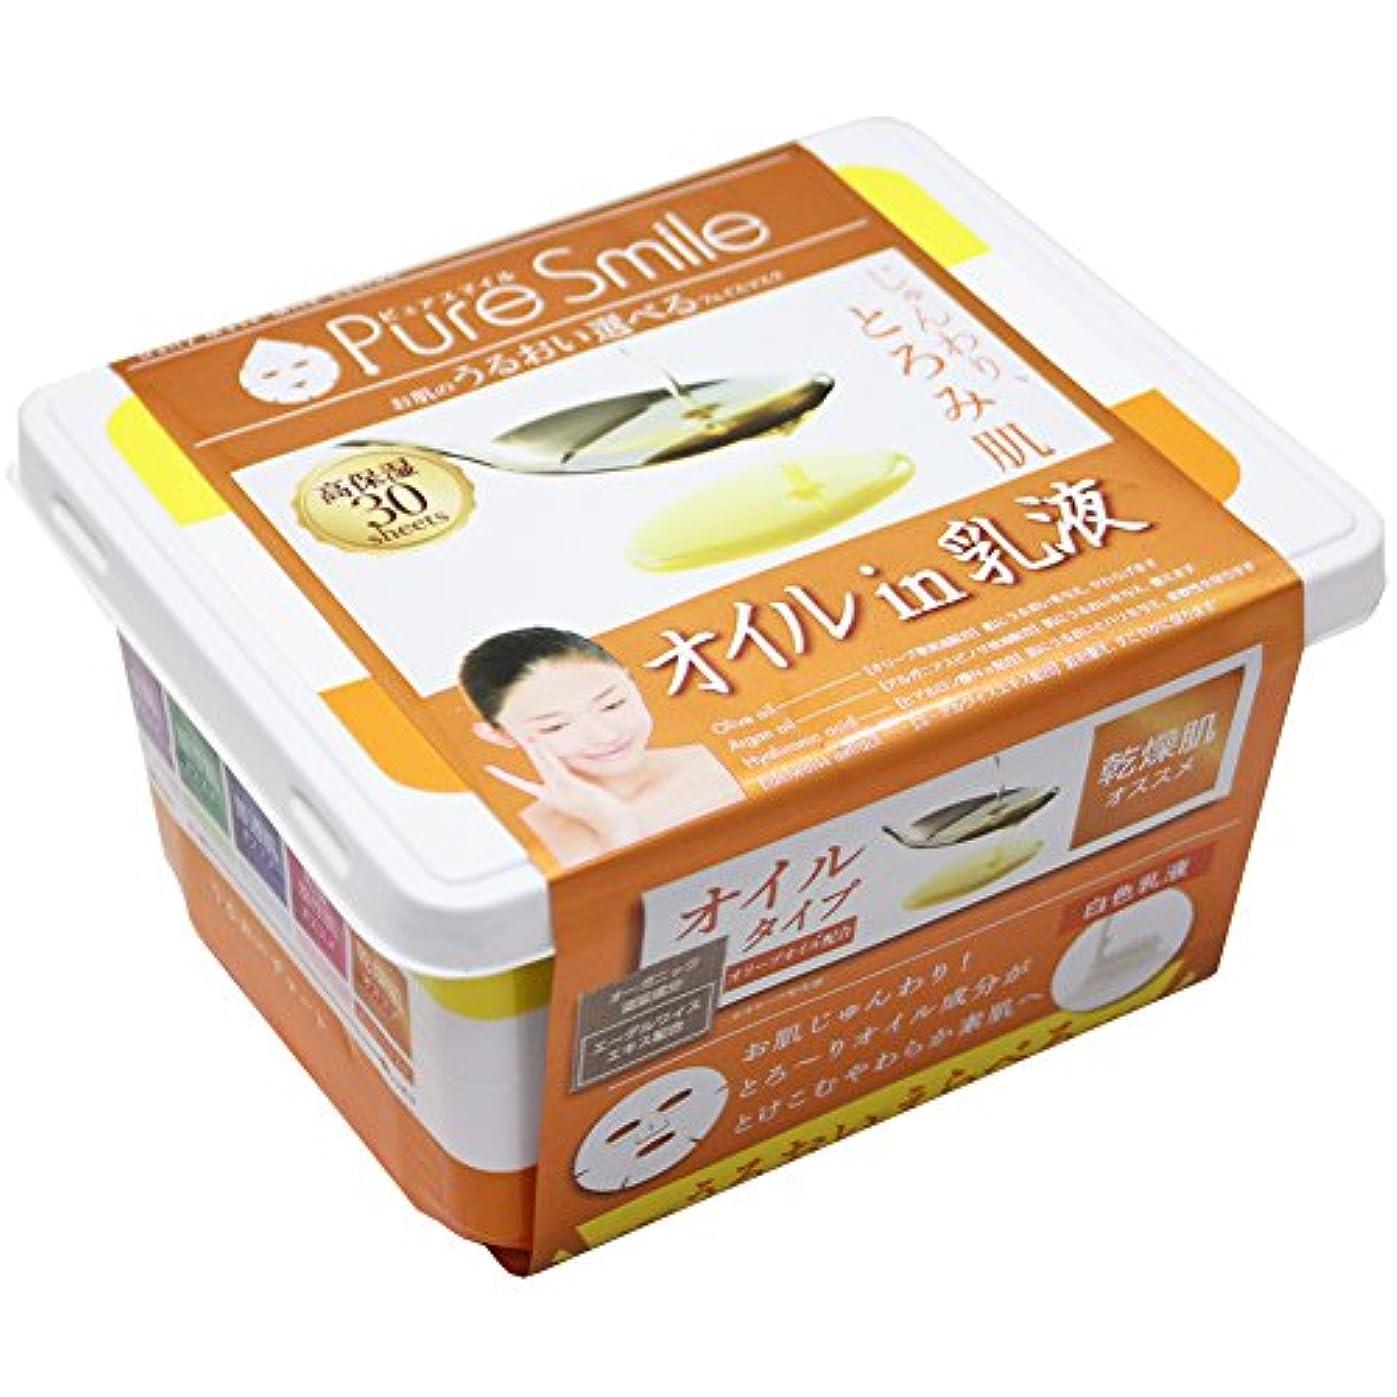 翻訳者オペラリズミカルなPureSmile(ピュアスマイル) フェイスパック エッセンスマスク 30枚セット オイルin乳液?3S05